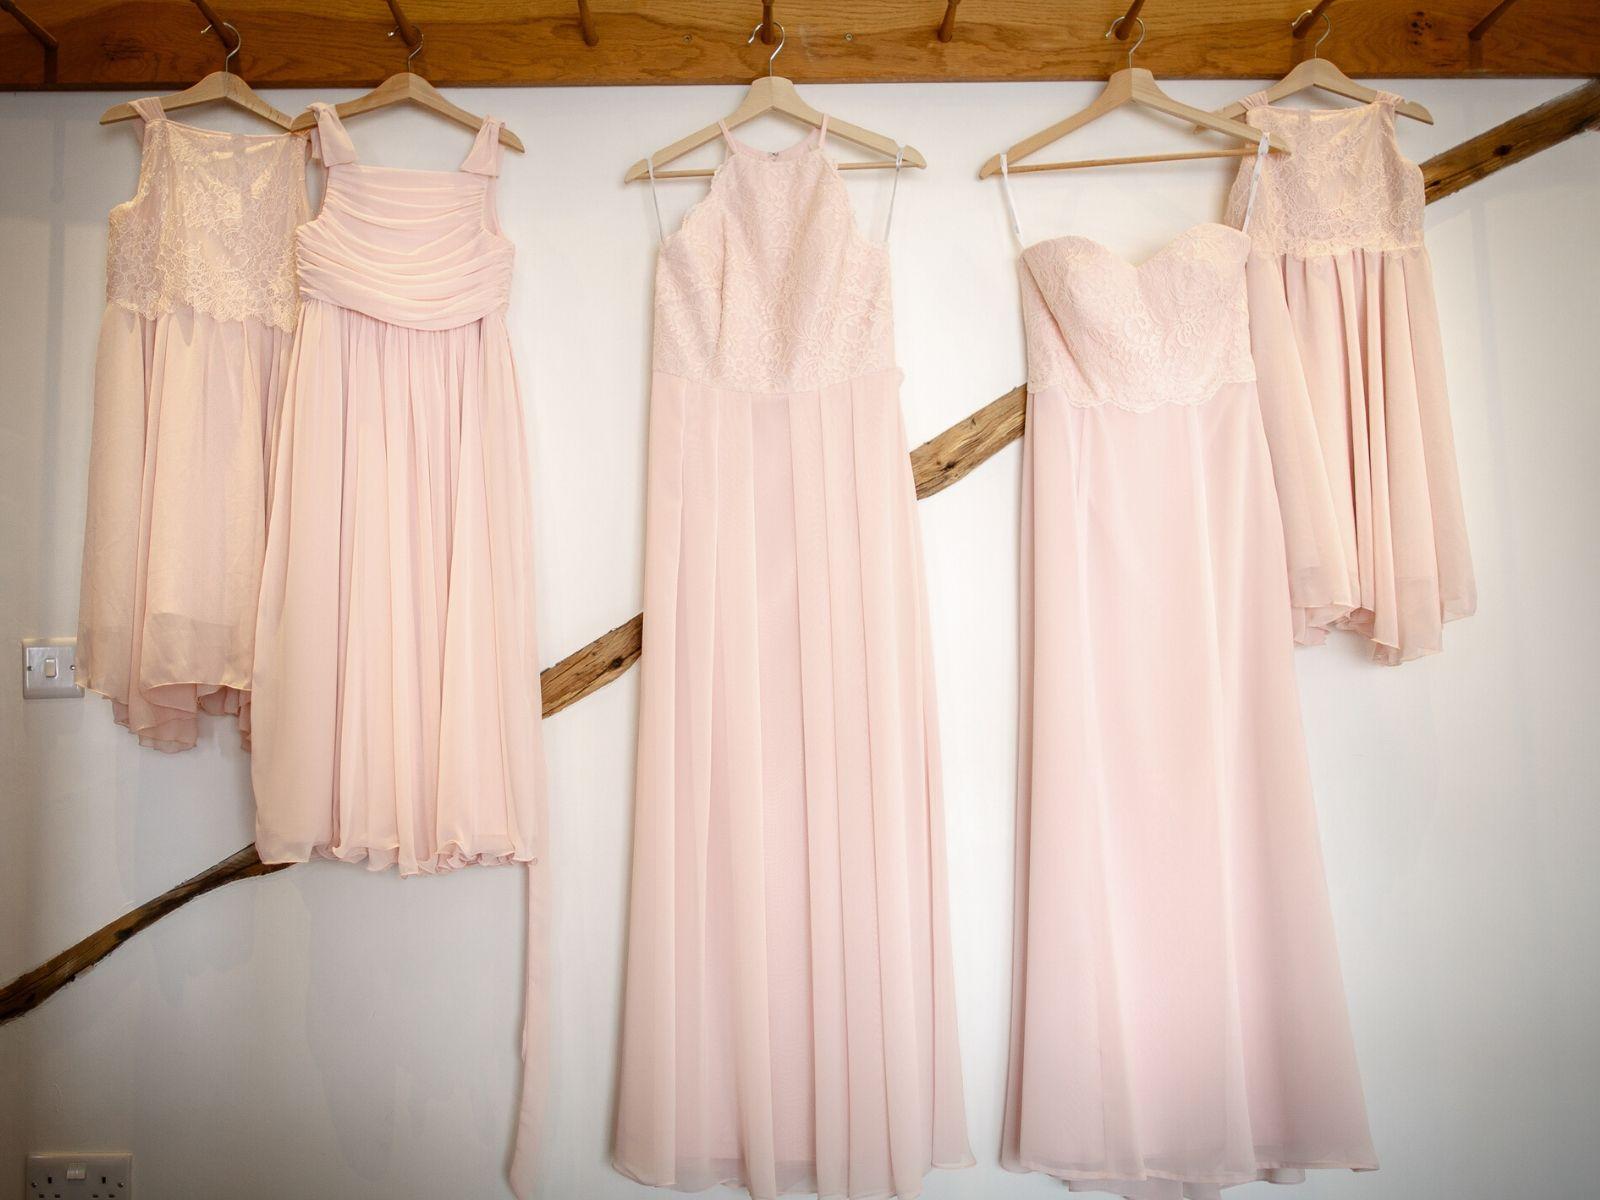 Bespoke pink flower girl dresses